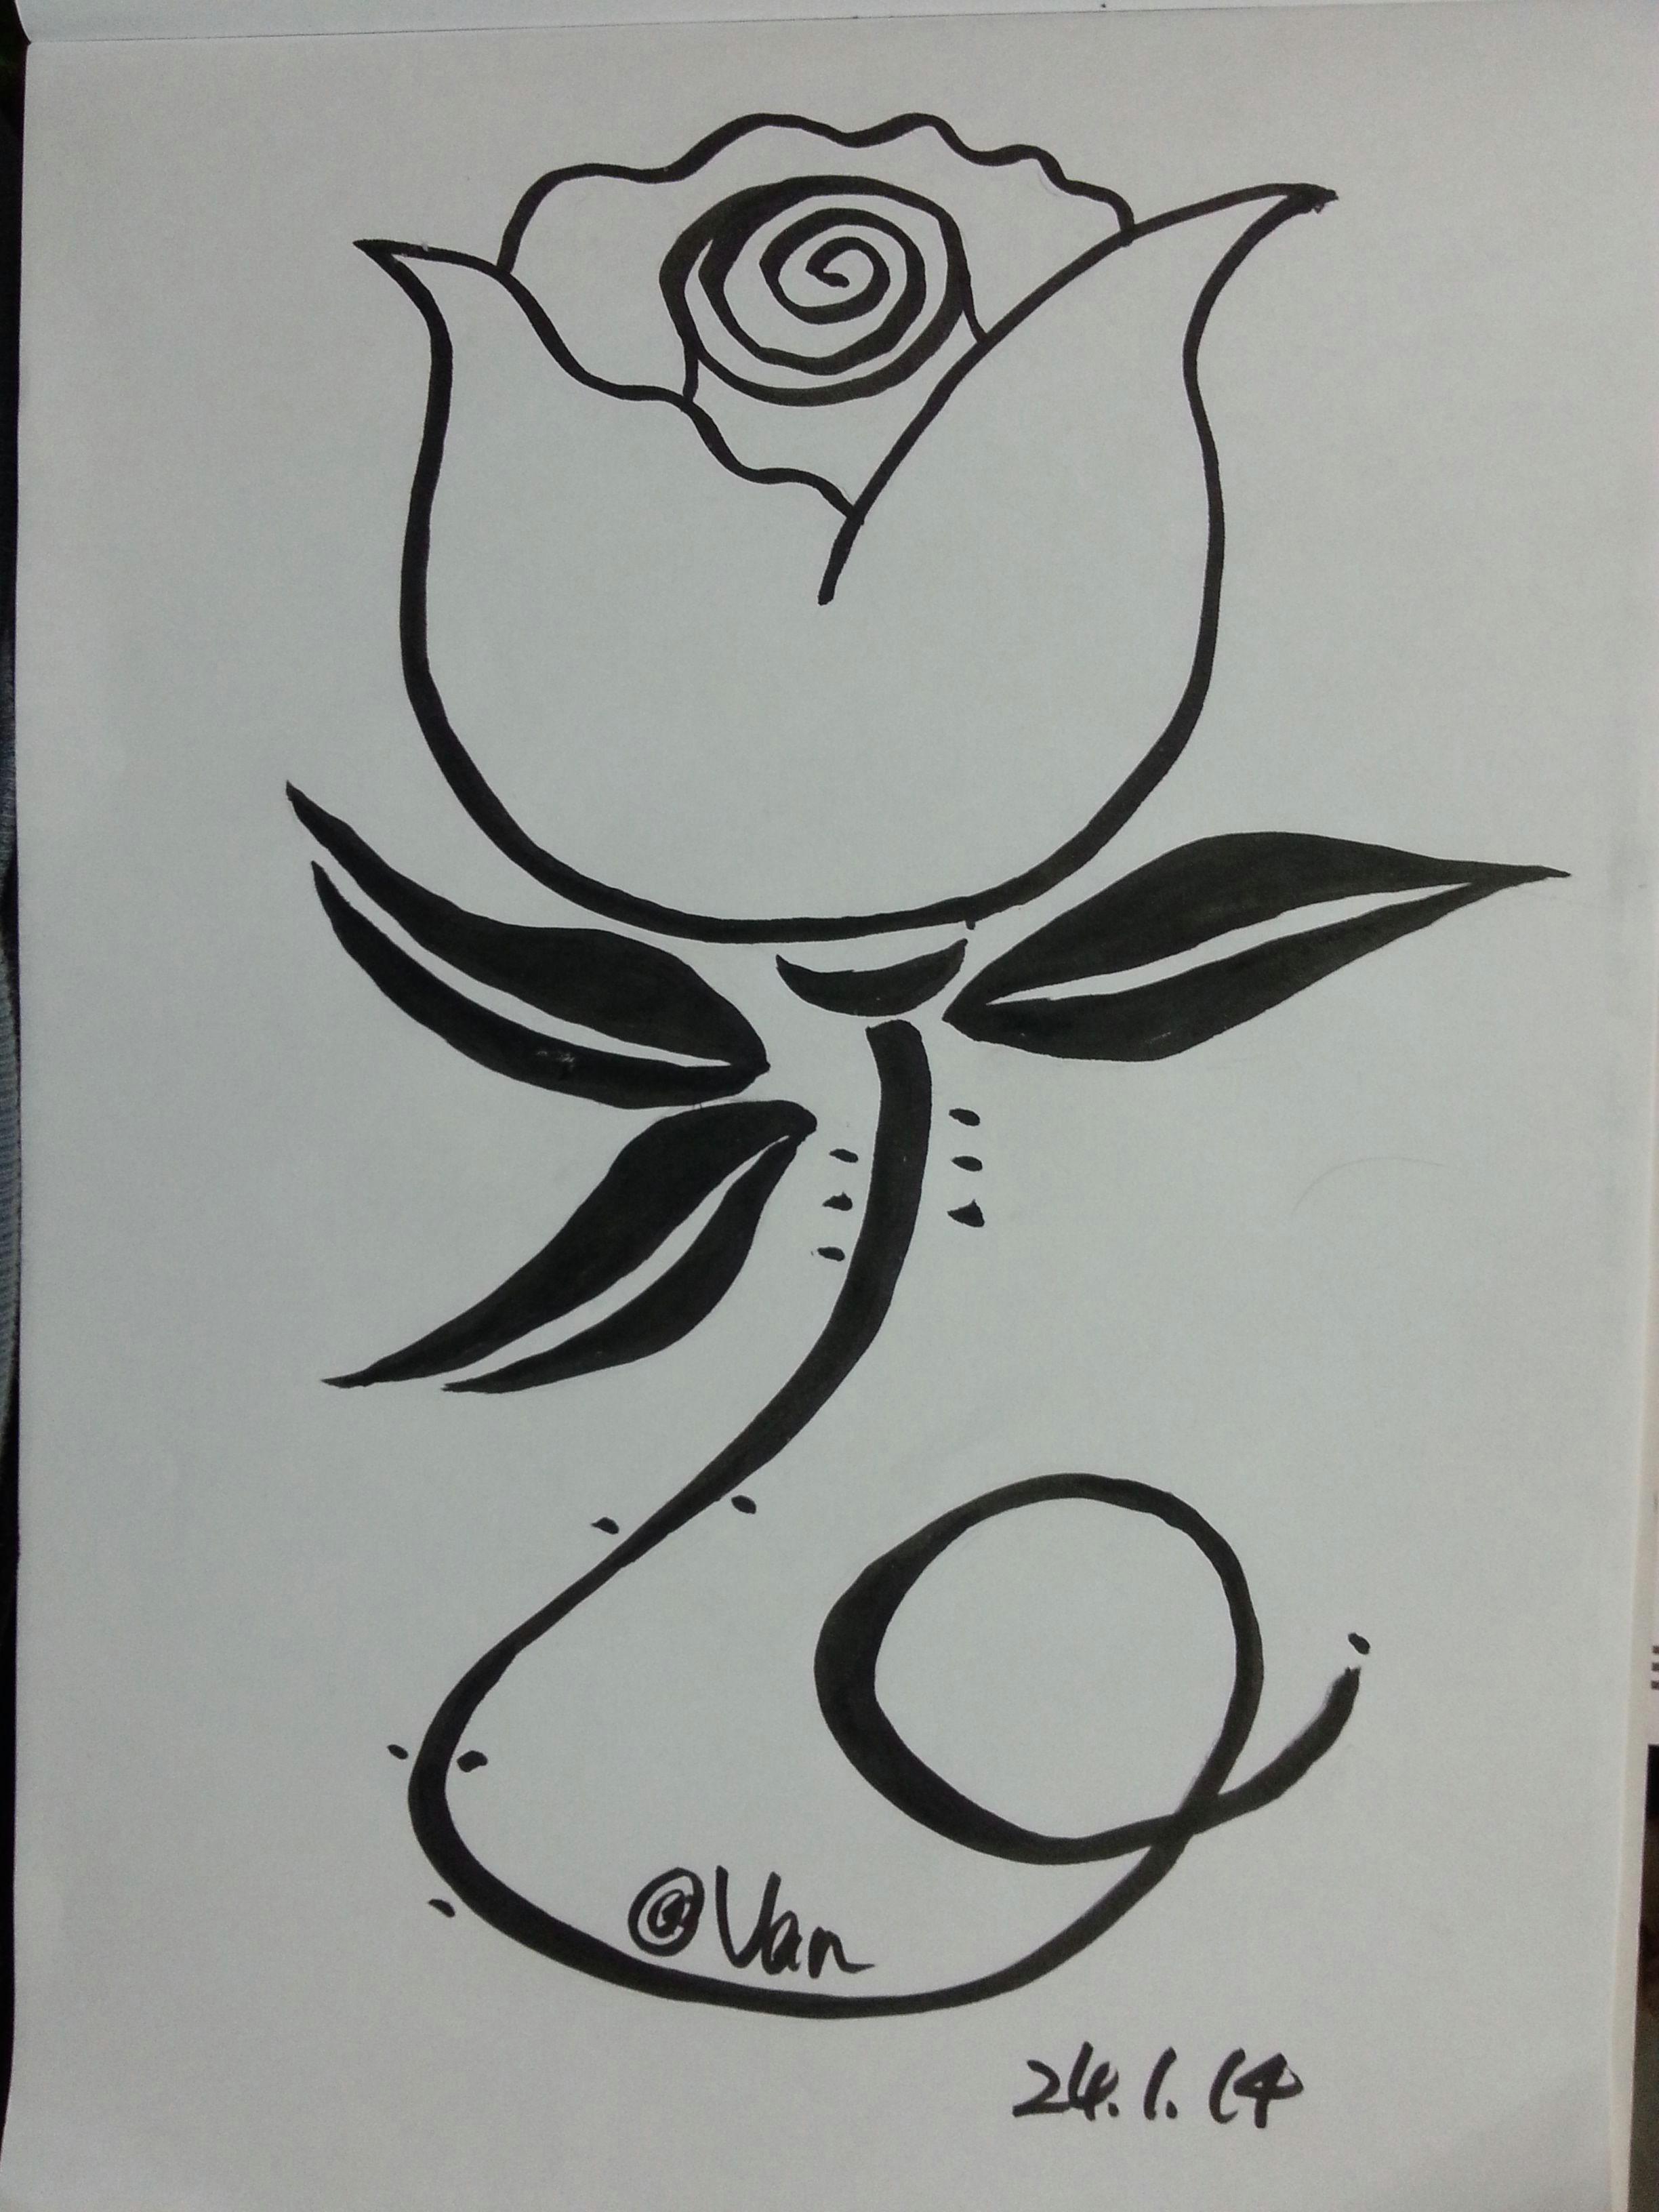 Drawings Of Big Roses Big Head Rose My Flower Drawing Flowers My Flower Rose